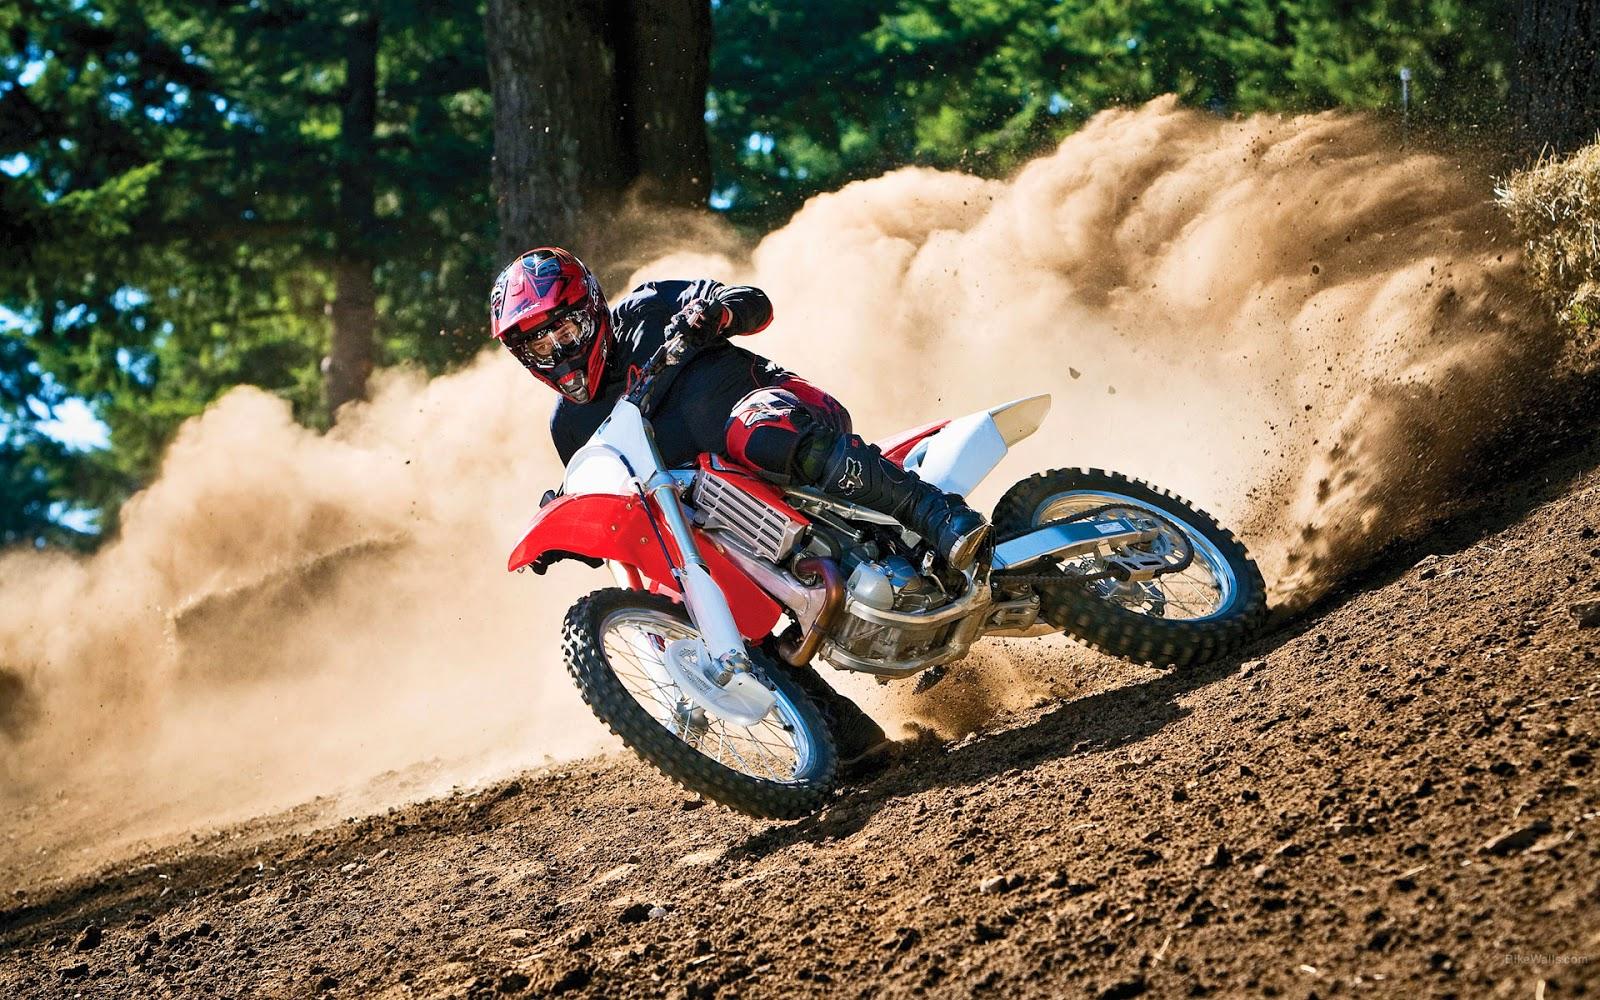 Wallpapers Honda Motorcross CRF Dirt Bike Images